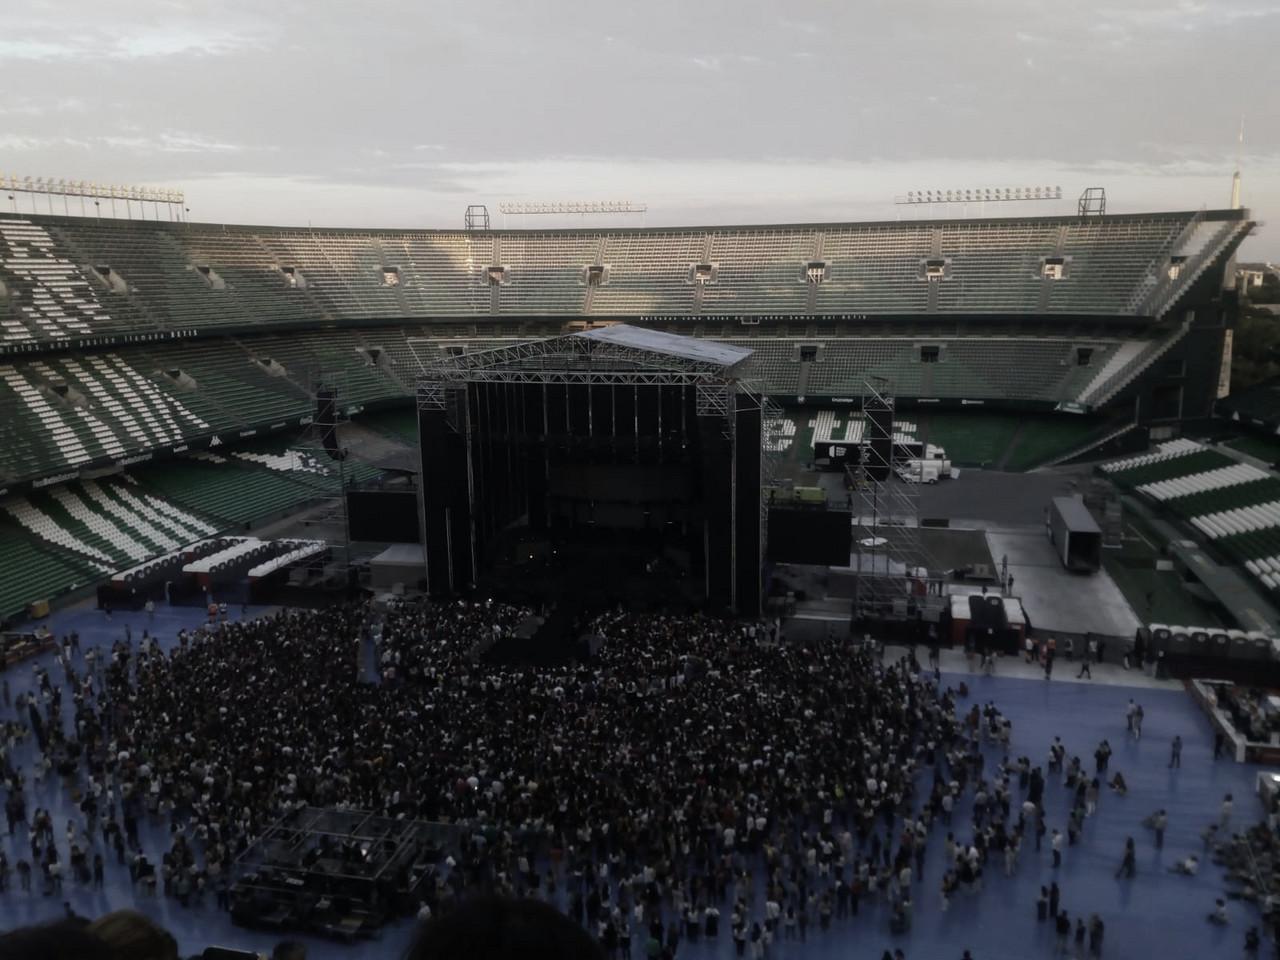 ConciertOT 2018 Sevilla: Una noche espléndida para un concierto a lo grande